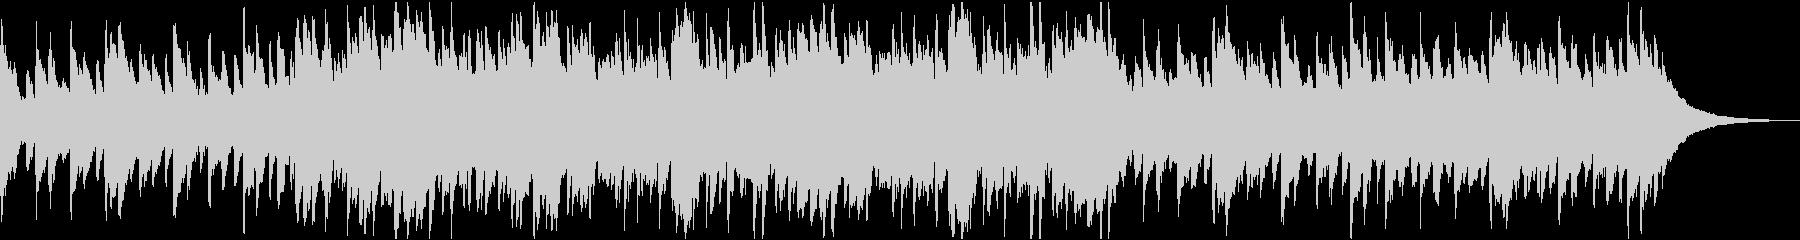 企業VP46 16bit48kHzVerの未再生の波形